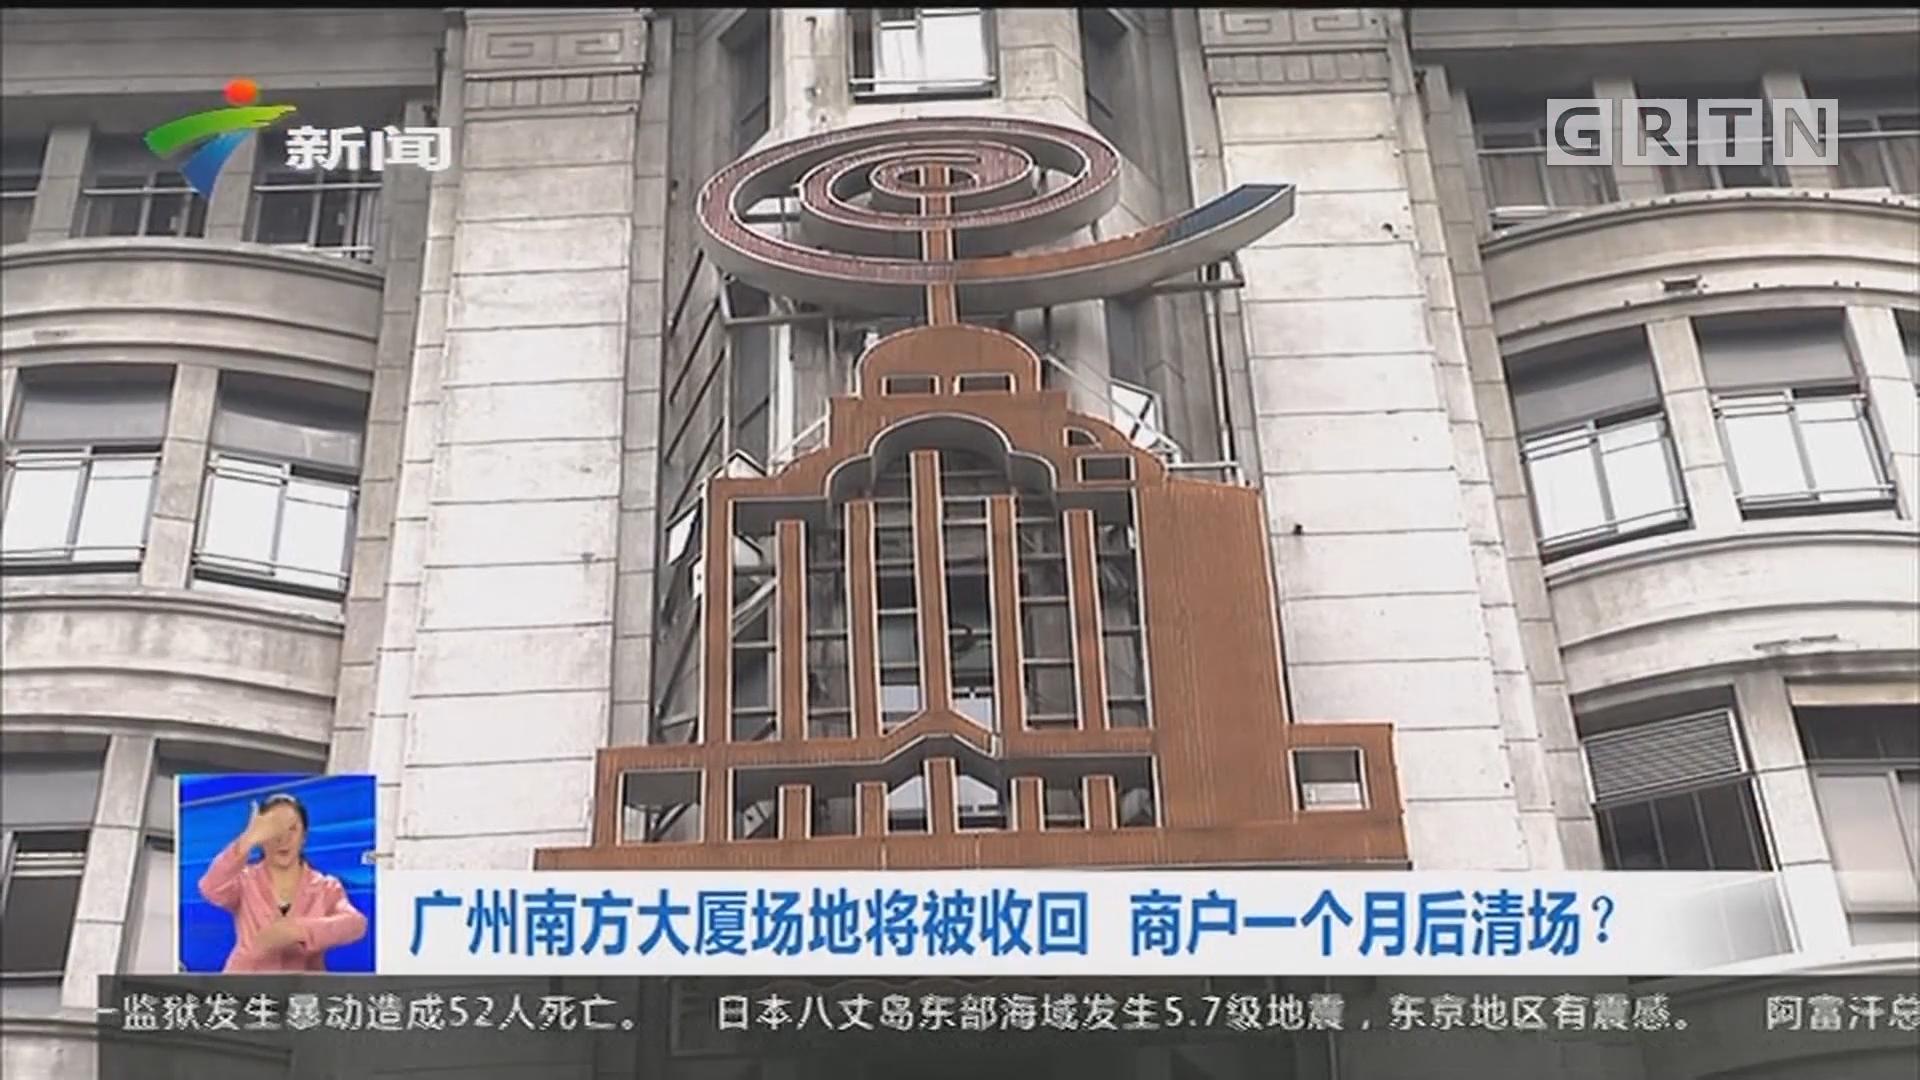 广州南方大厦场地将被收回 商户一个月后清场?